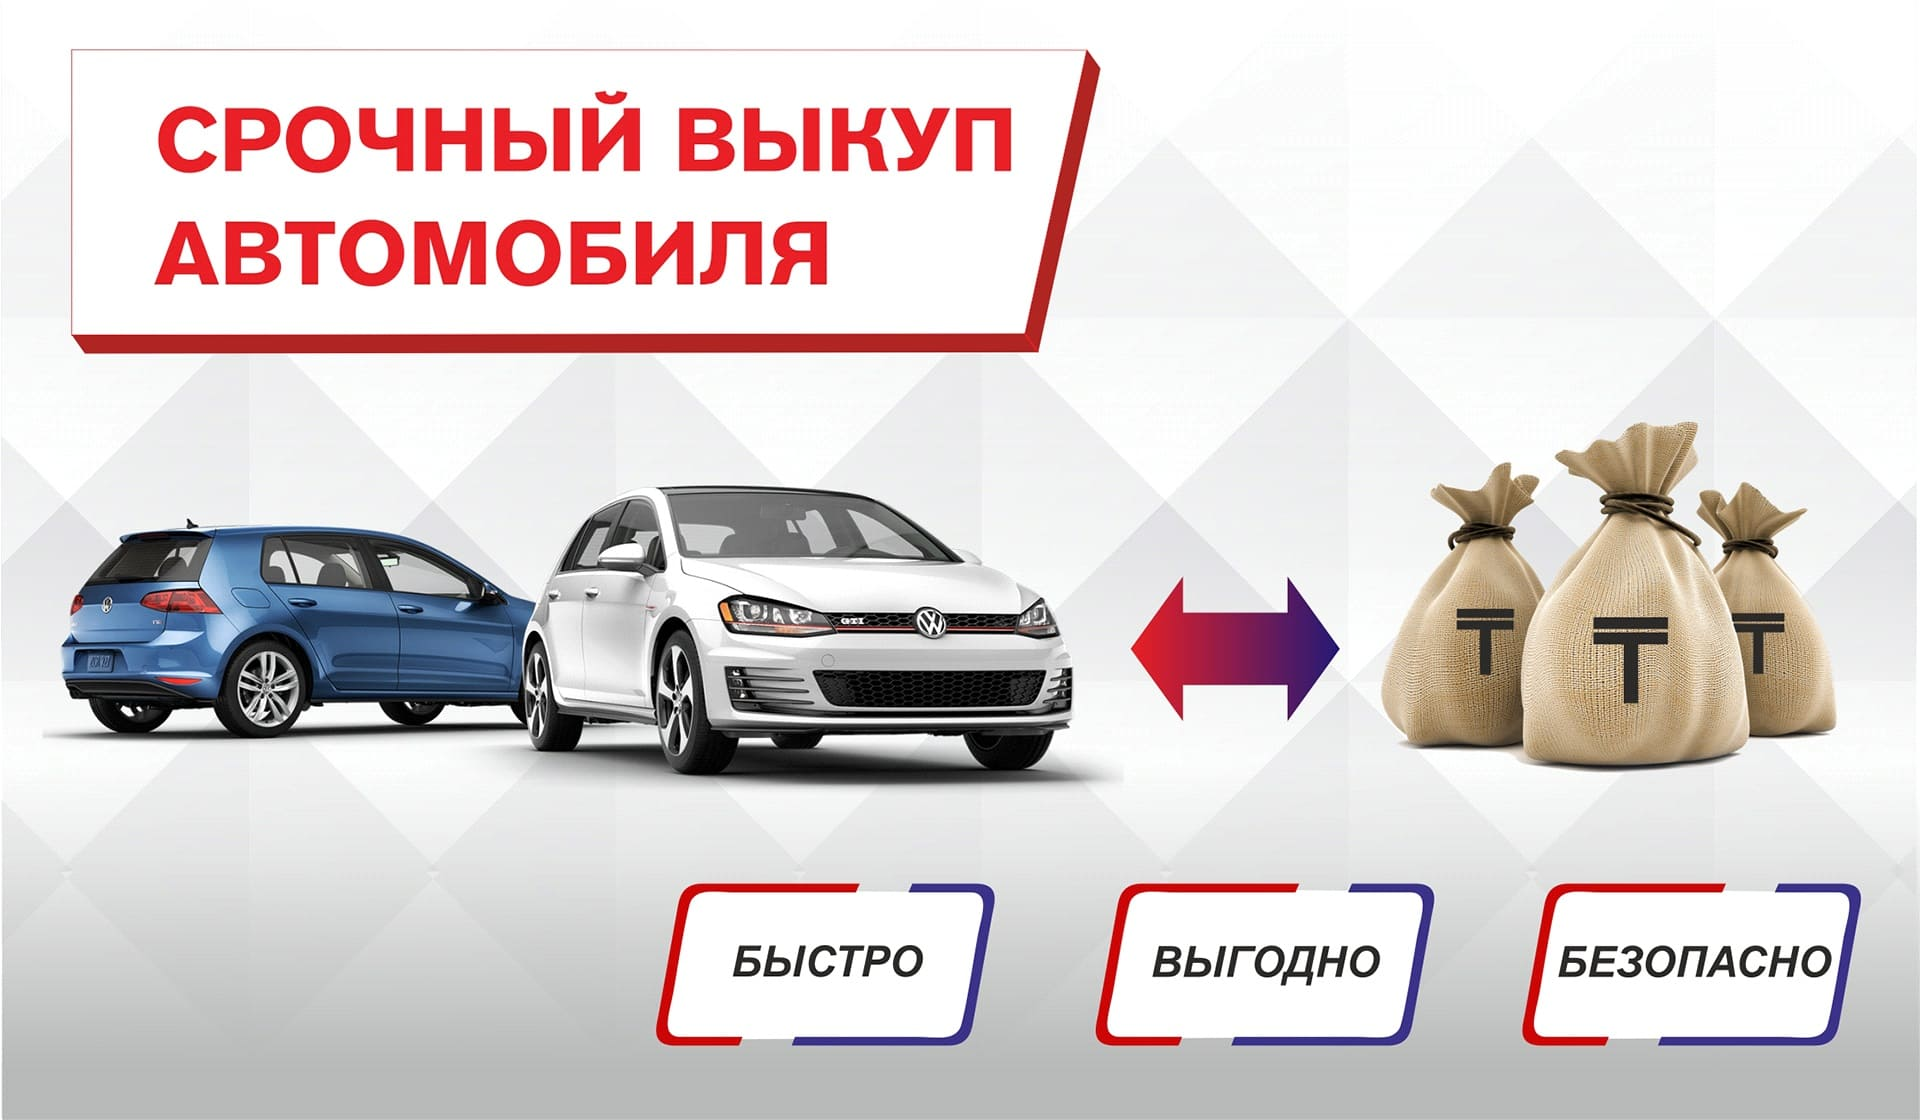 Как правильно сдать авто в аренду